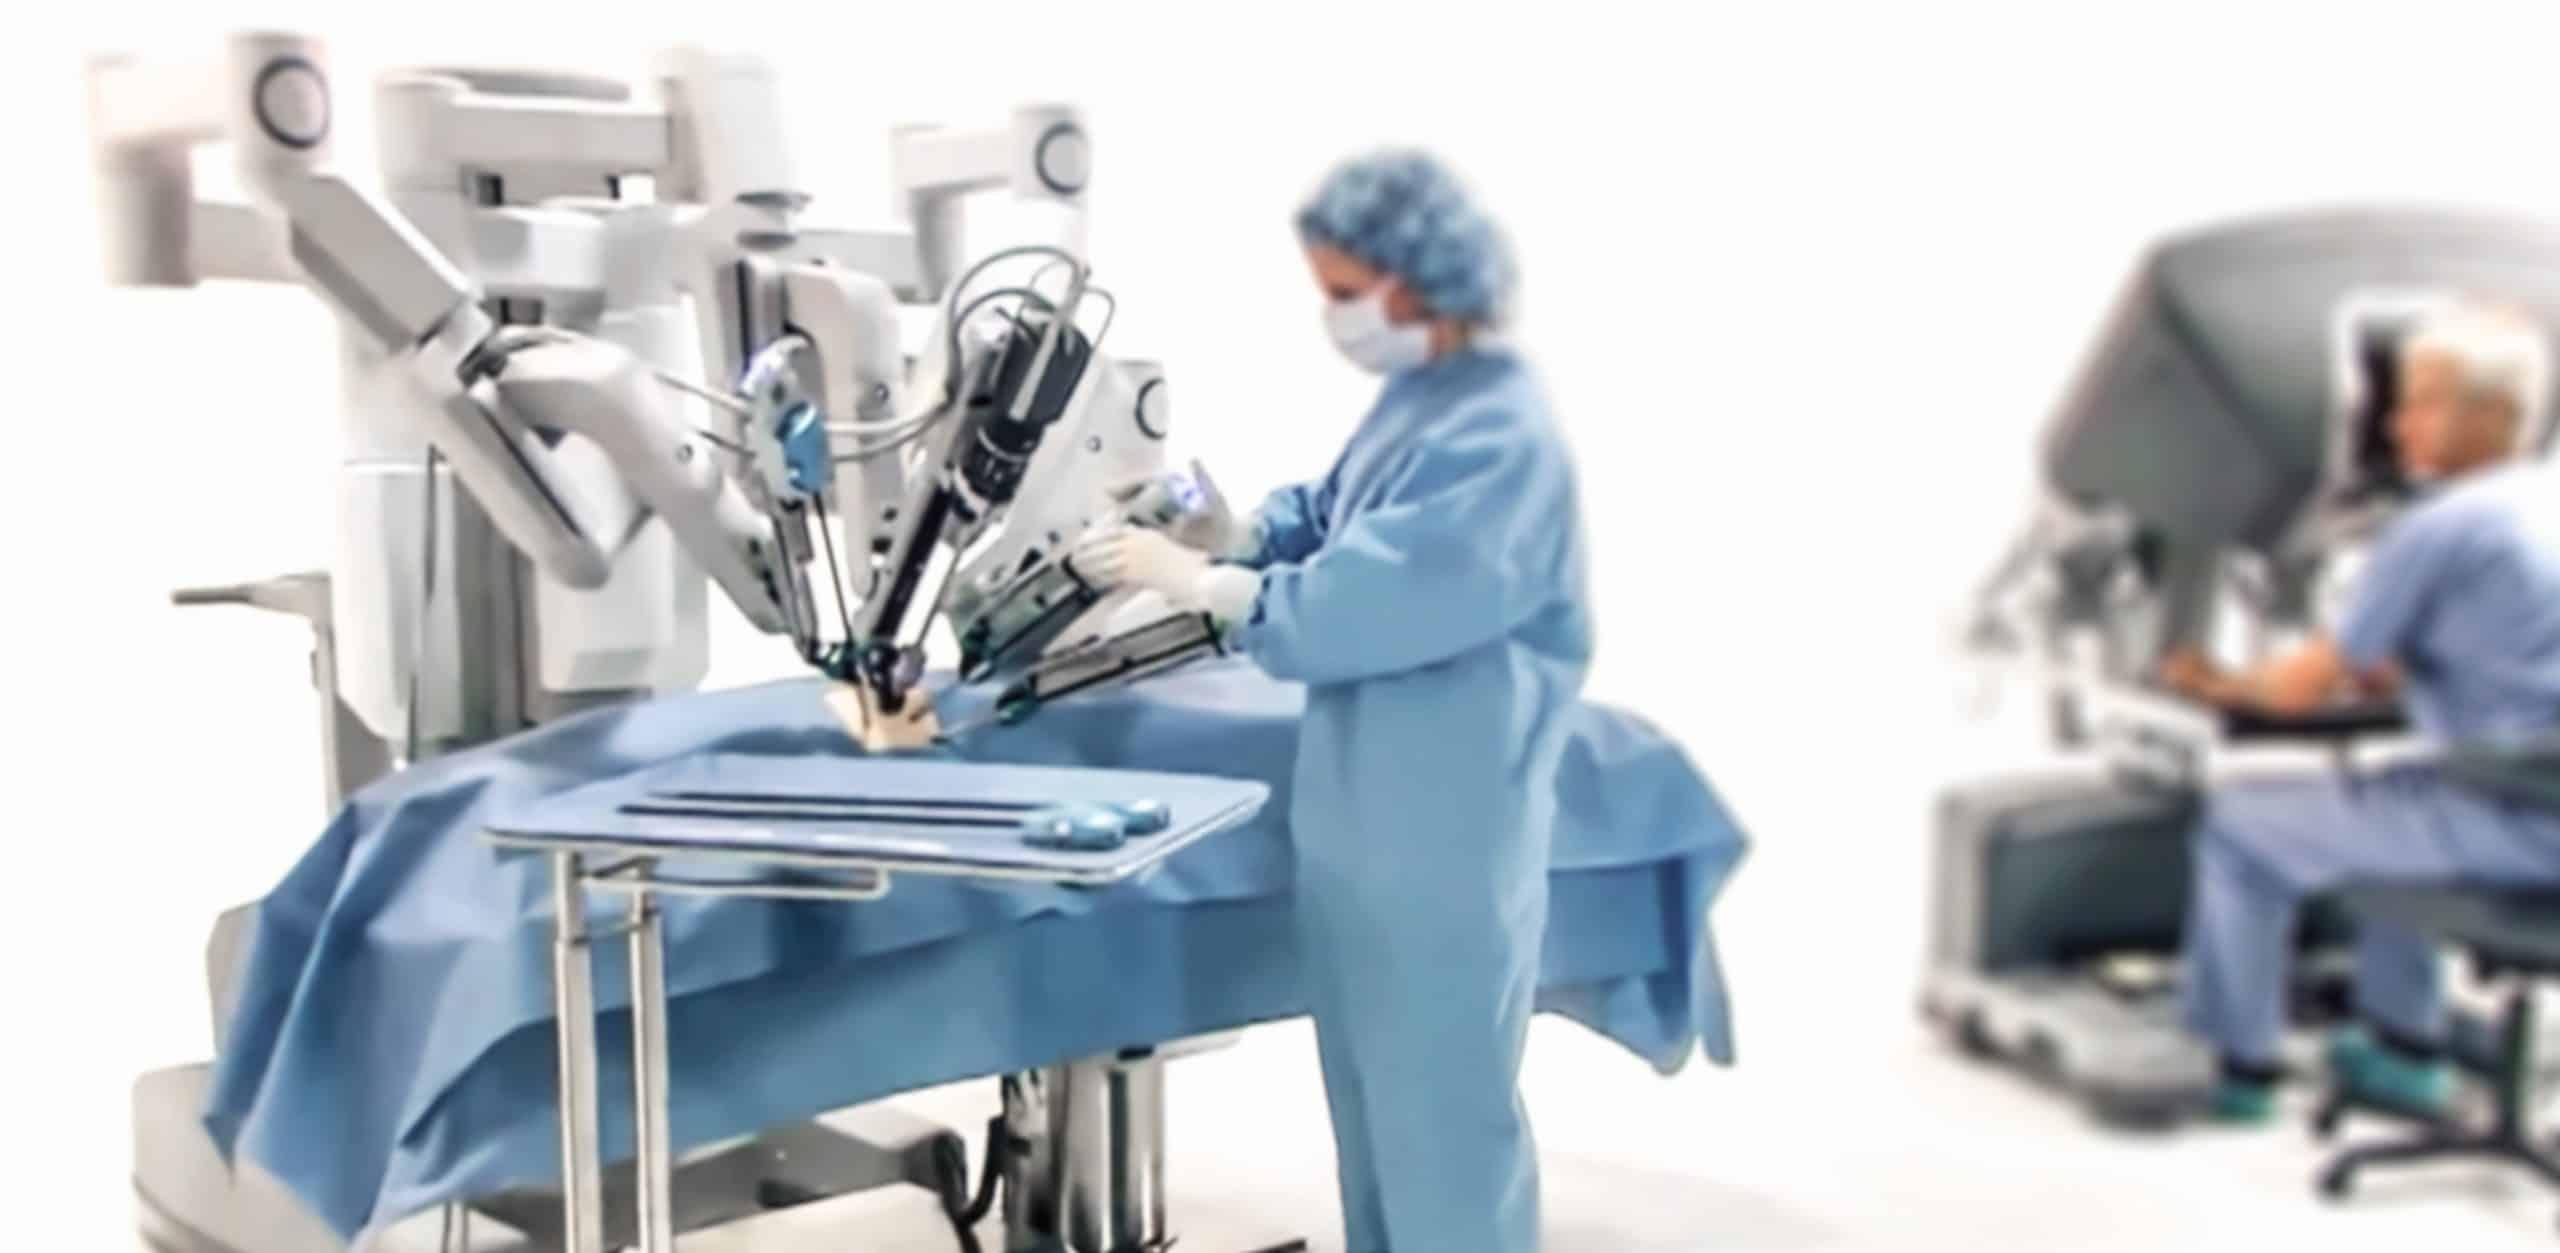 cirurgia robotica minimamente invasiva